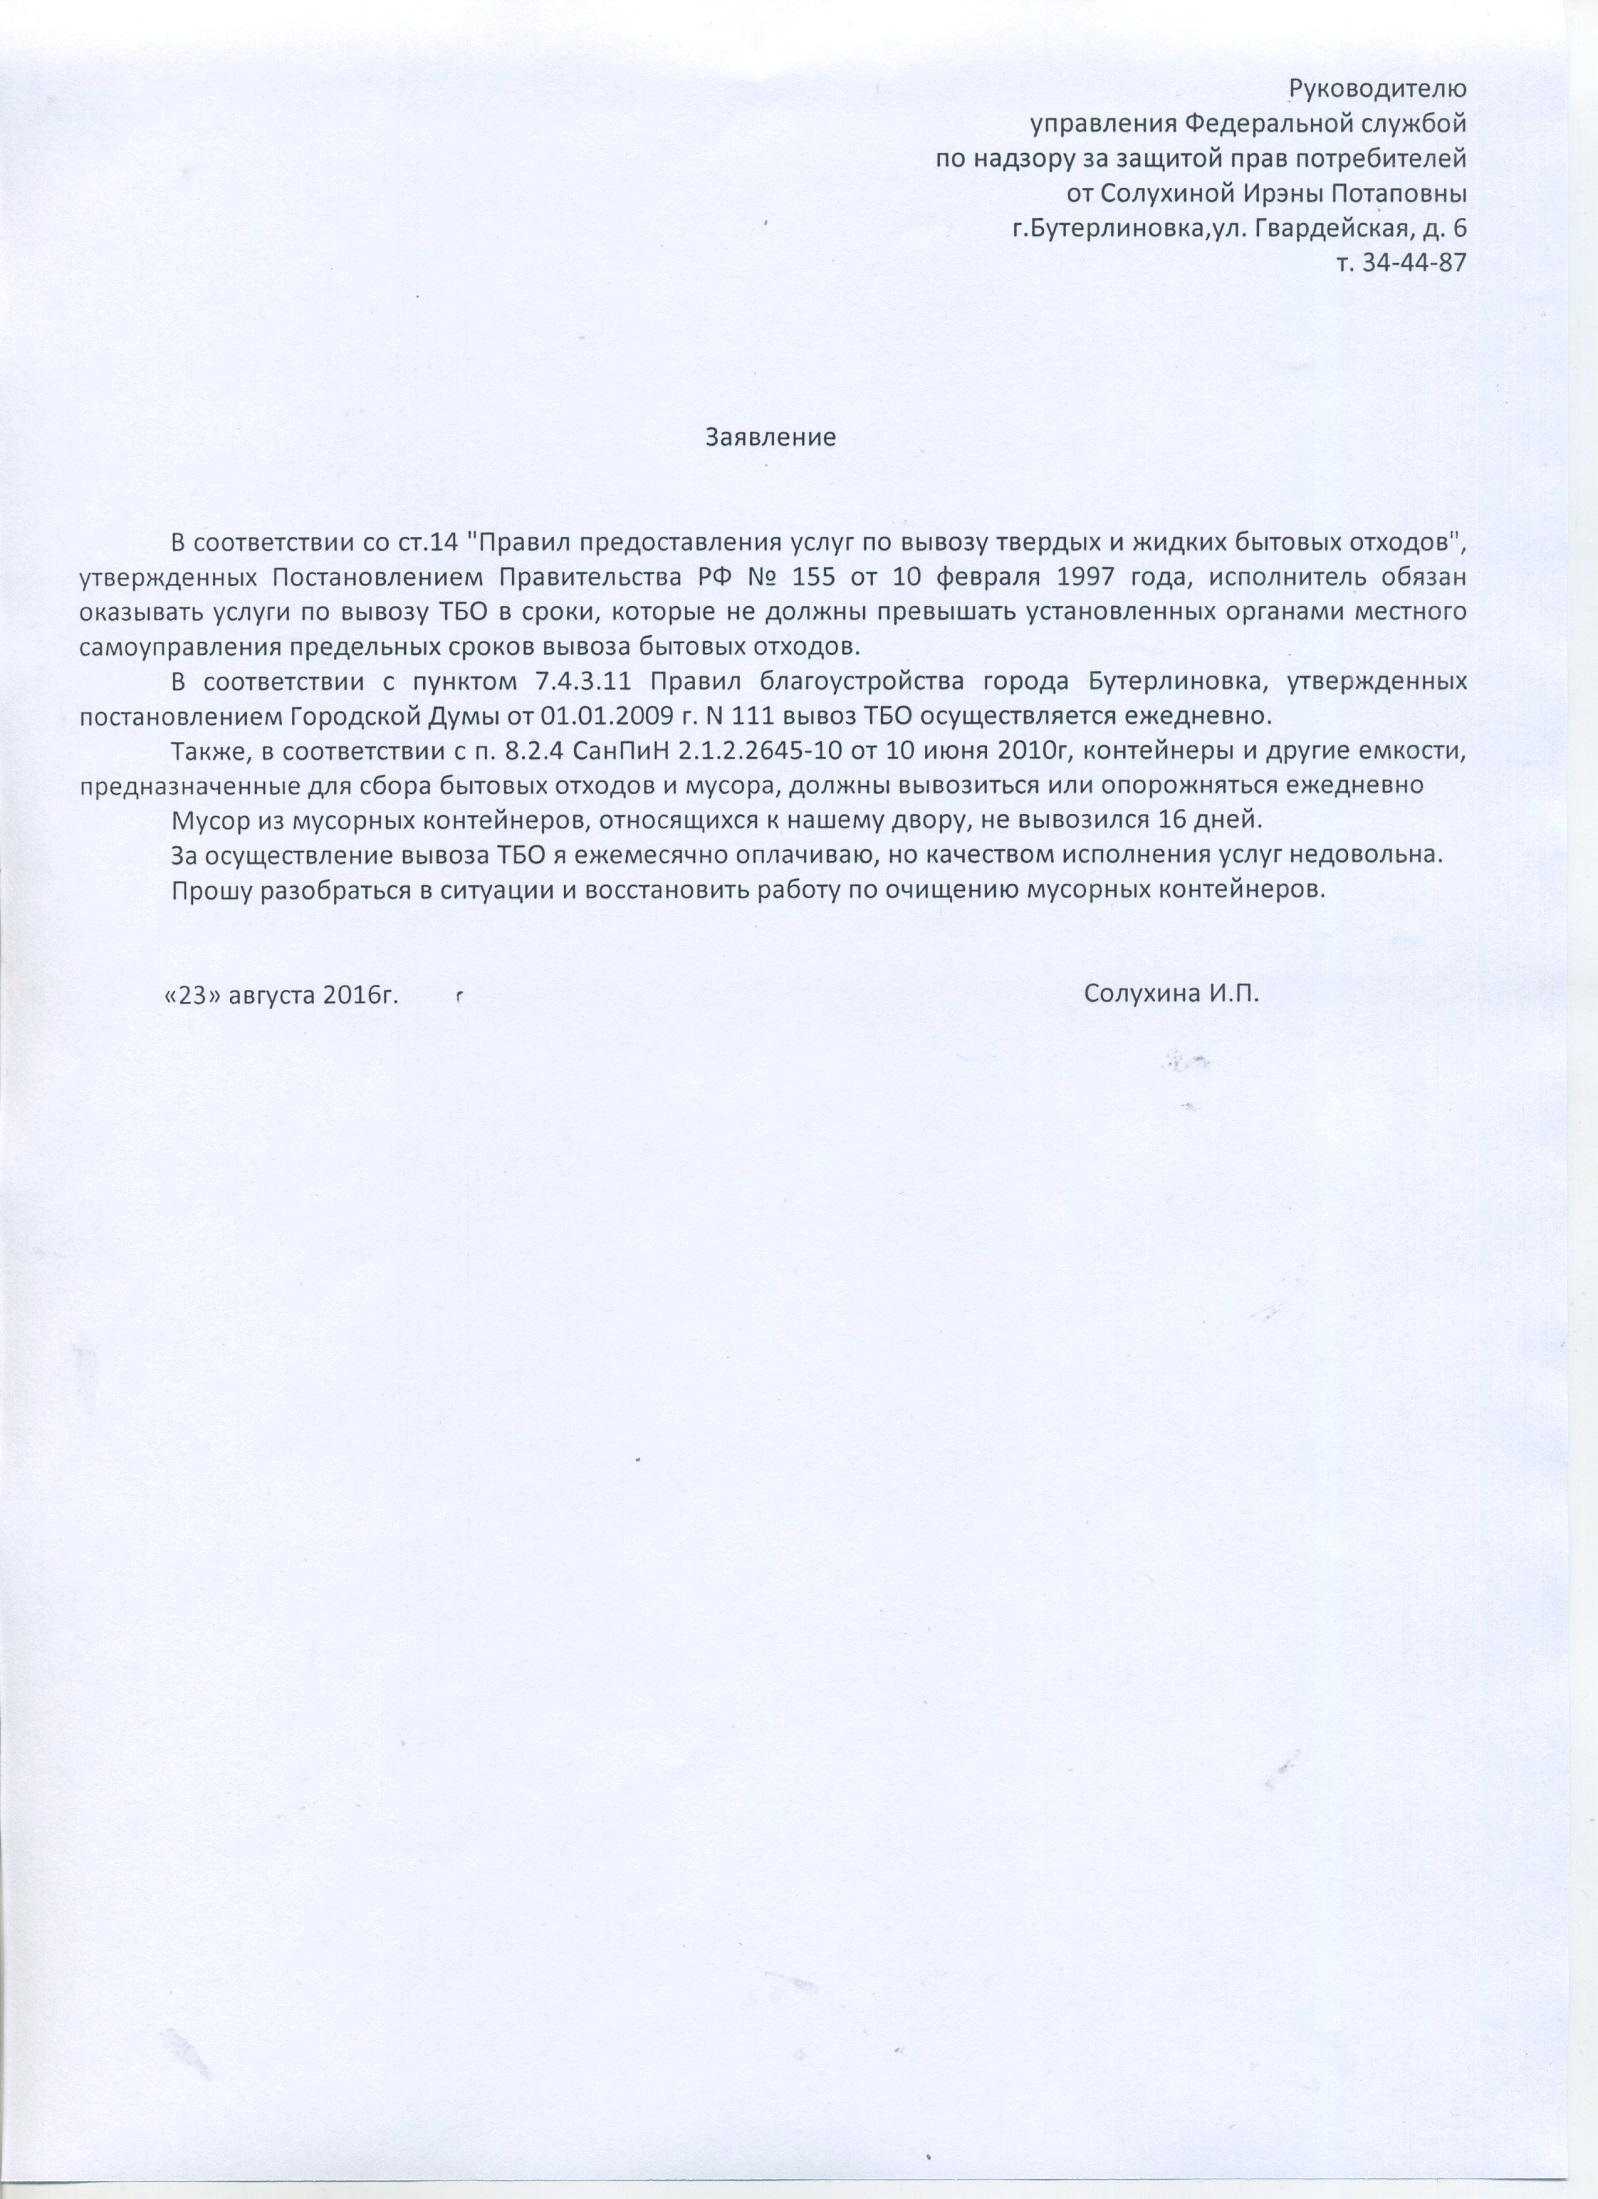 Отказ от претензии по договору займа